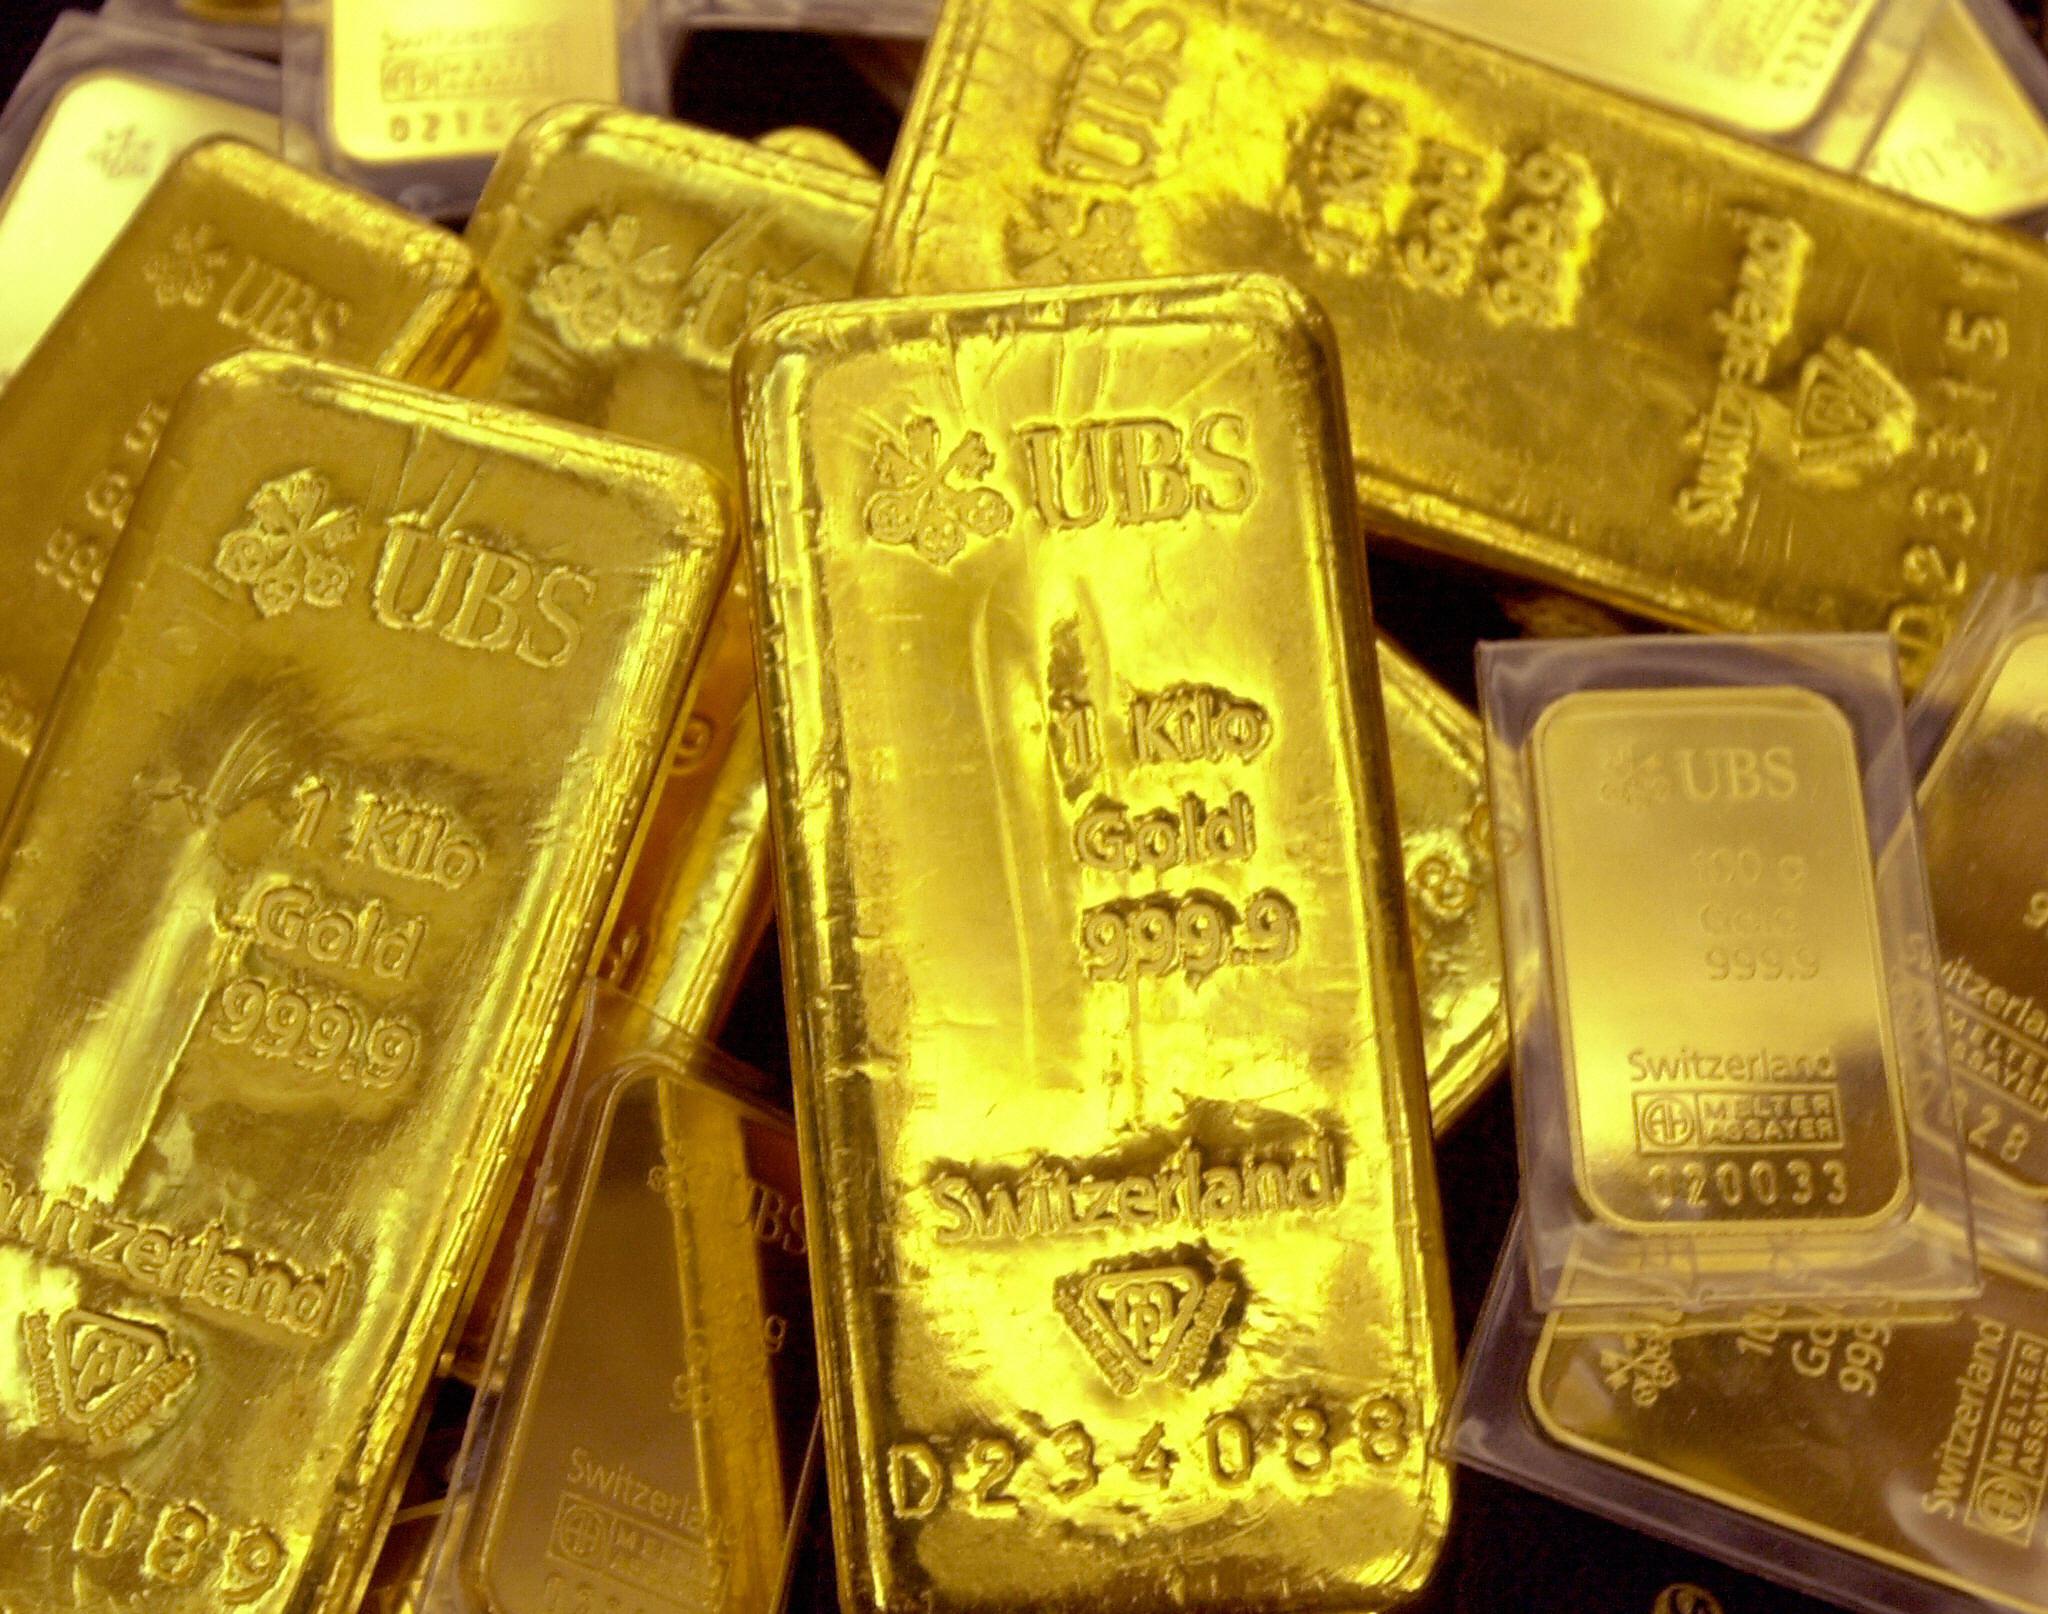 Gold price bars are displayed at Shinhan Bank